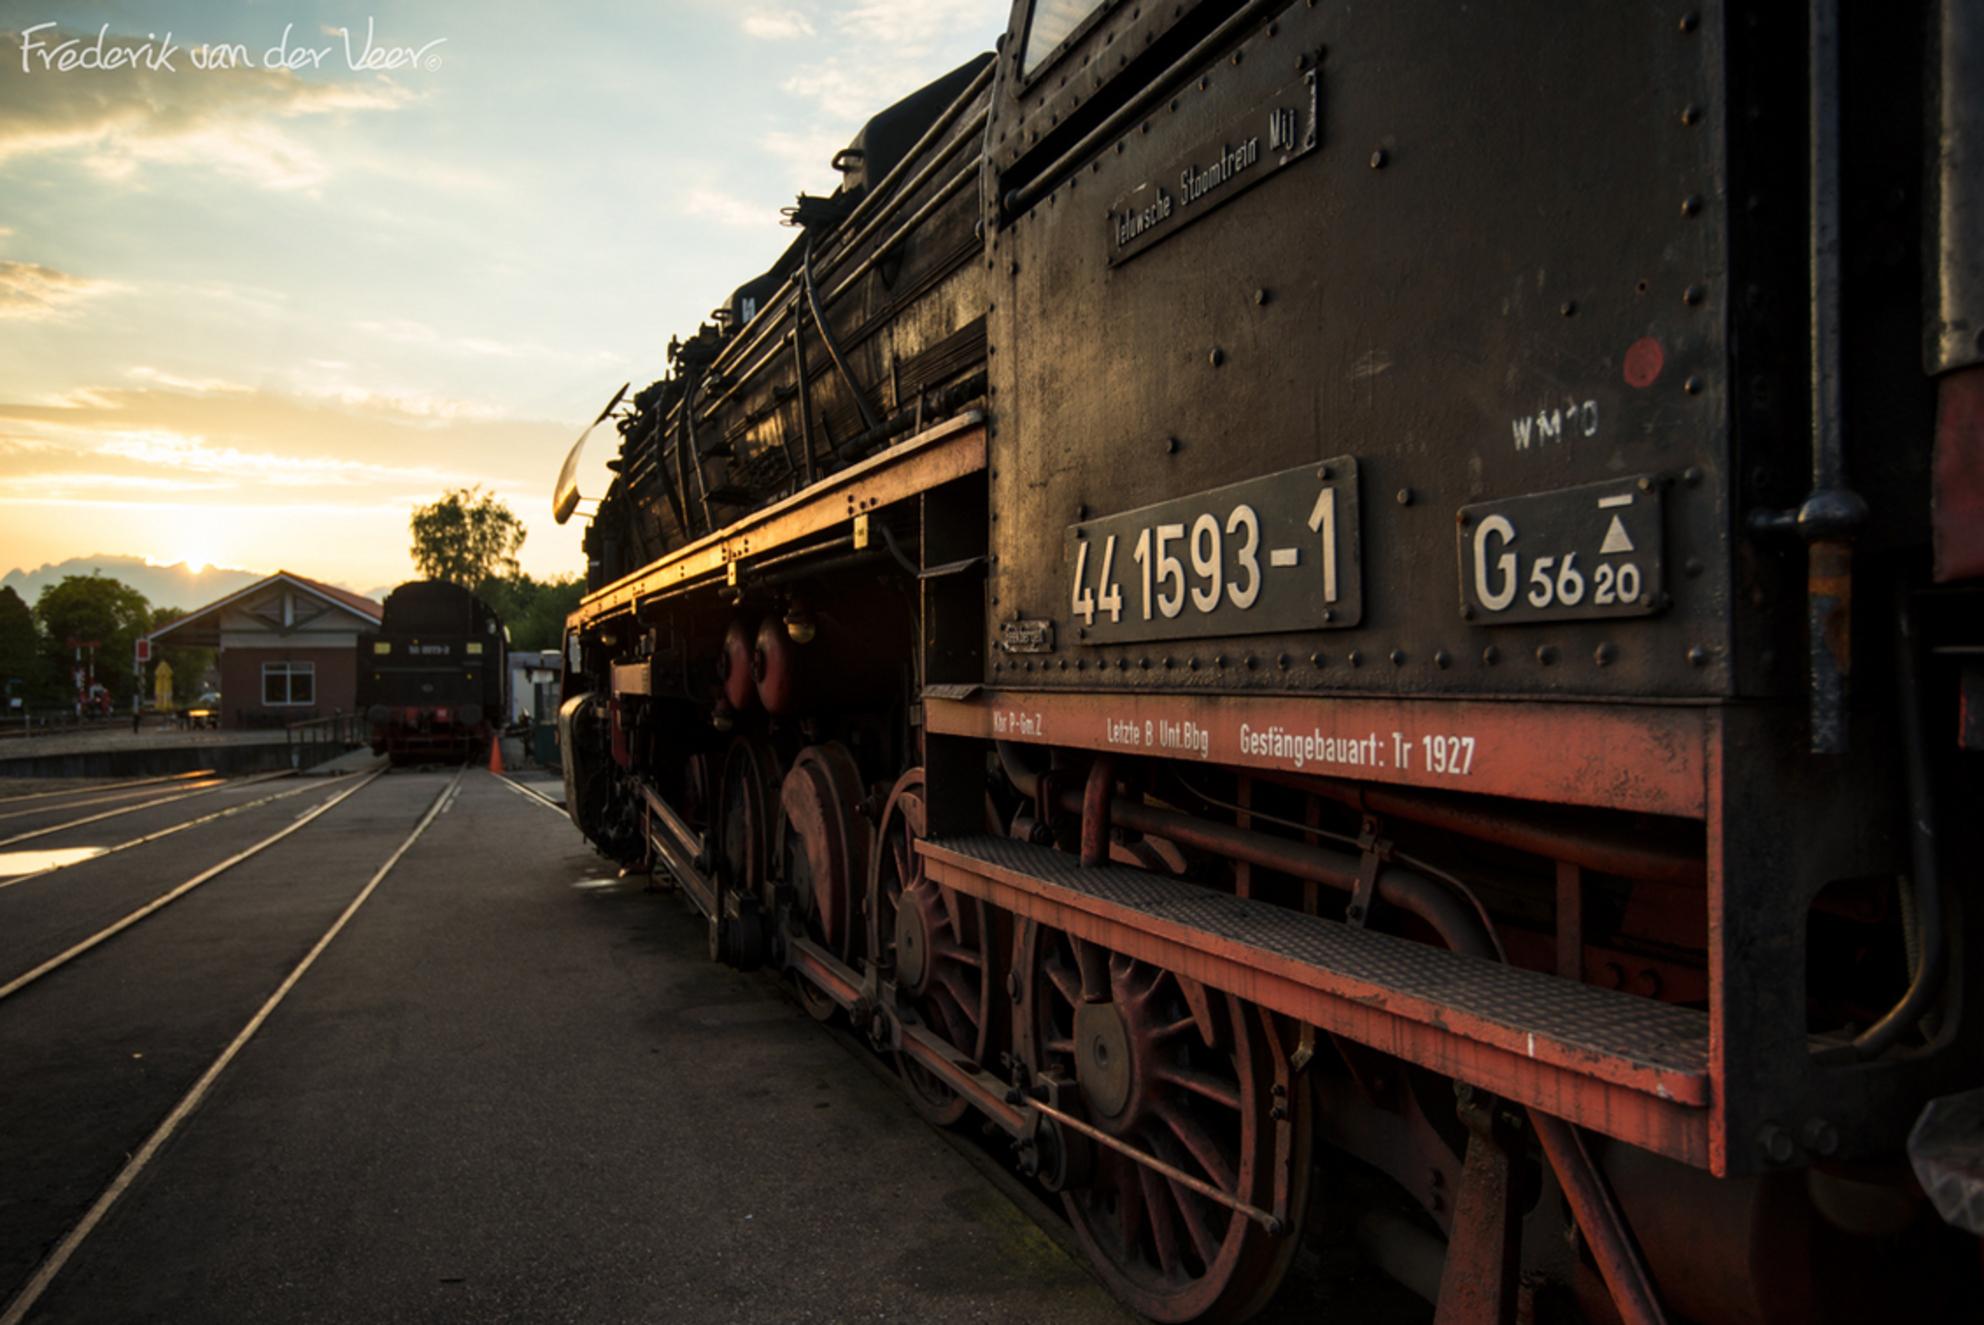 441593-1 - Loc 441593 op Station Beekbergen te Lieren bij volle lensopening en laatste zonlicht.  Sluitertijd 1/80 seconde, ISO100, f4, LEE 0.9 Soft Grad (sch - foto door fveer op 18-06-2014 - deze foto bevat: station, trein, stoom, locomotief, lieren, beekbergen - Deze foto mag gebruikt worden in een Zoom.nl publicatie